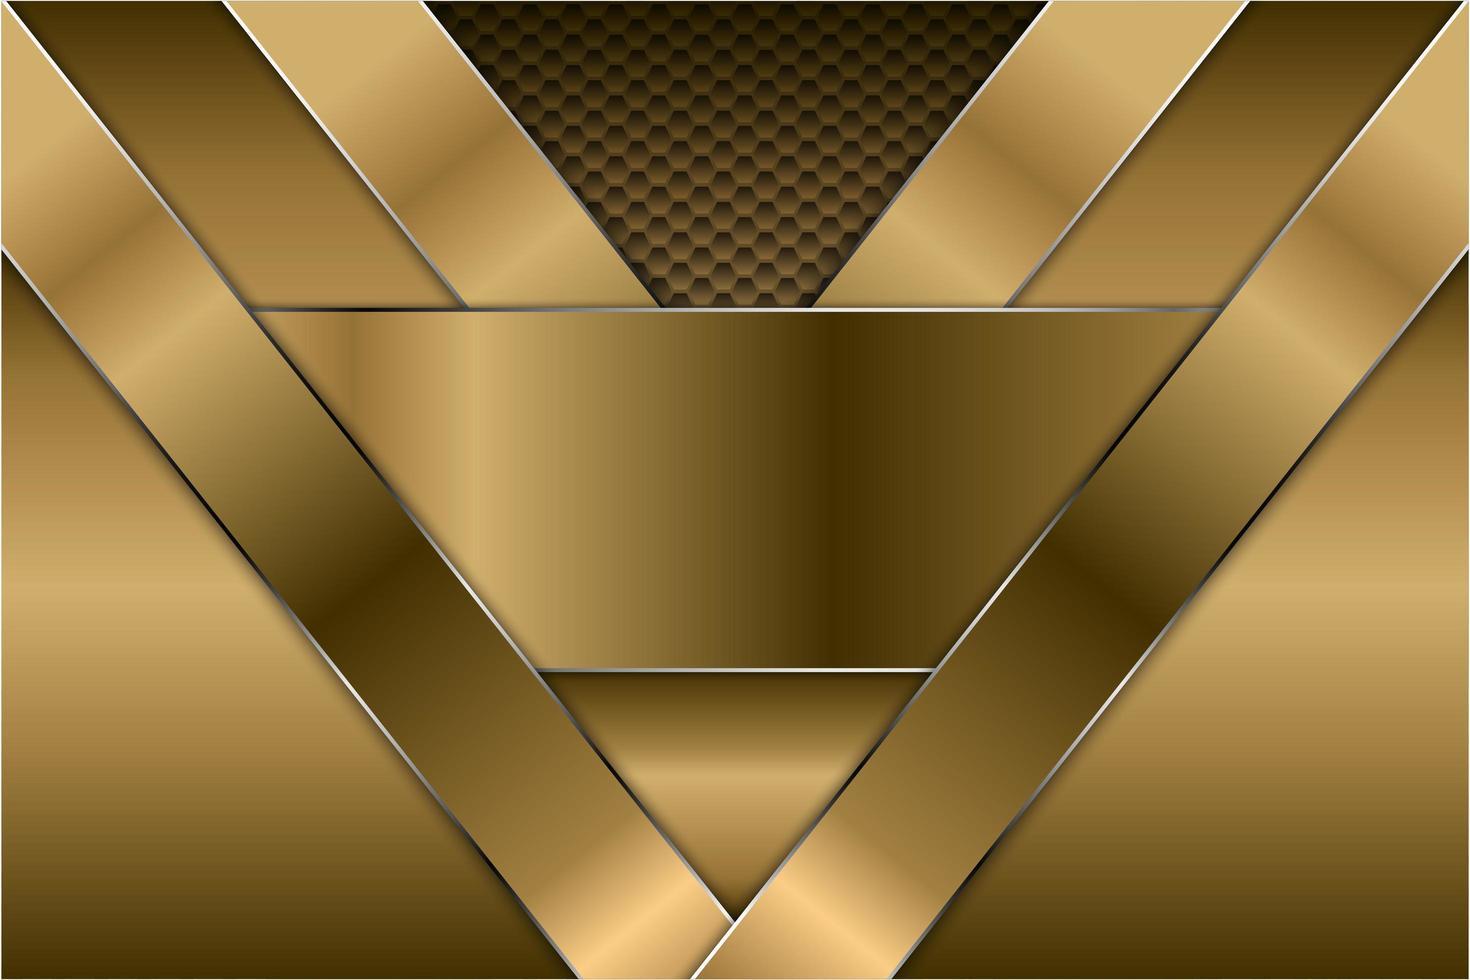 Fondo metálico dorado con patrón hexagonal vector